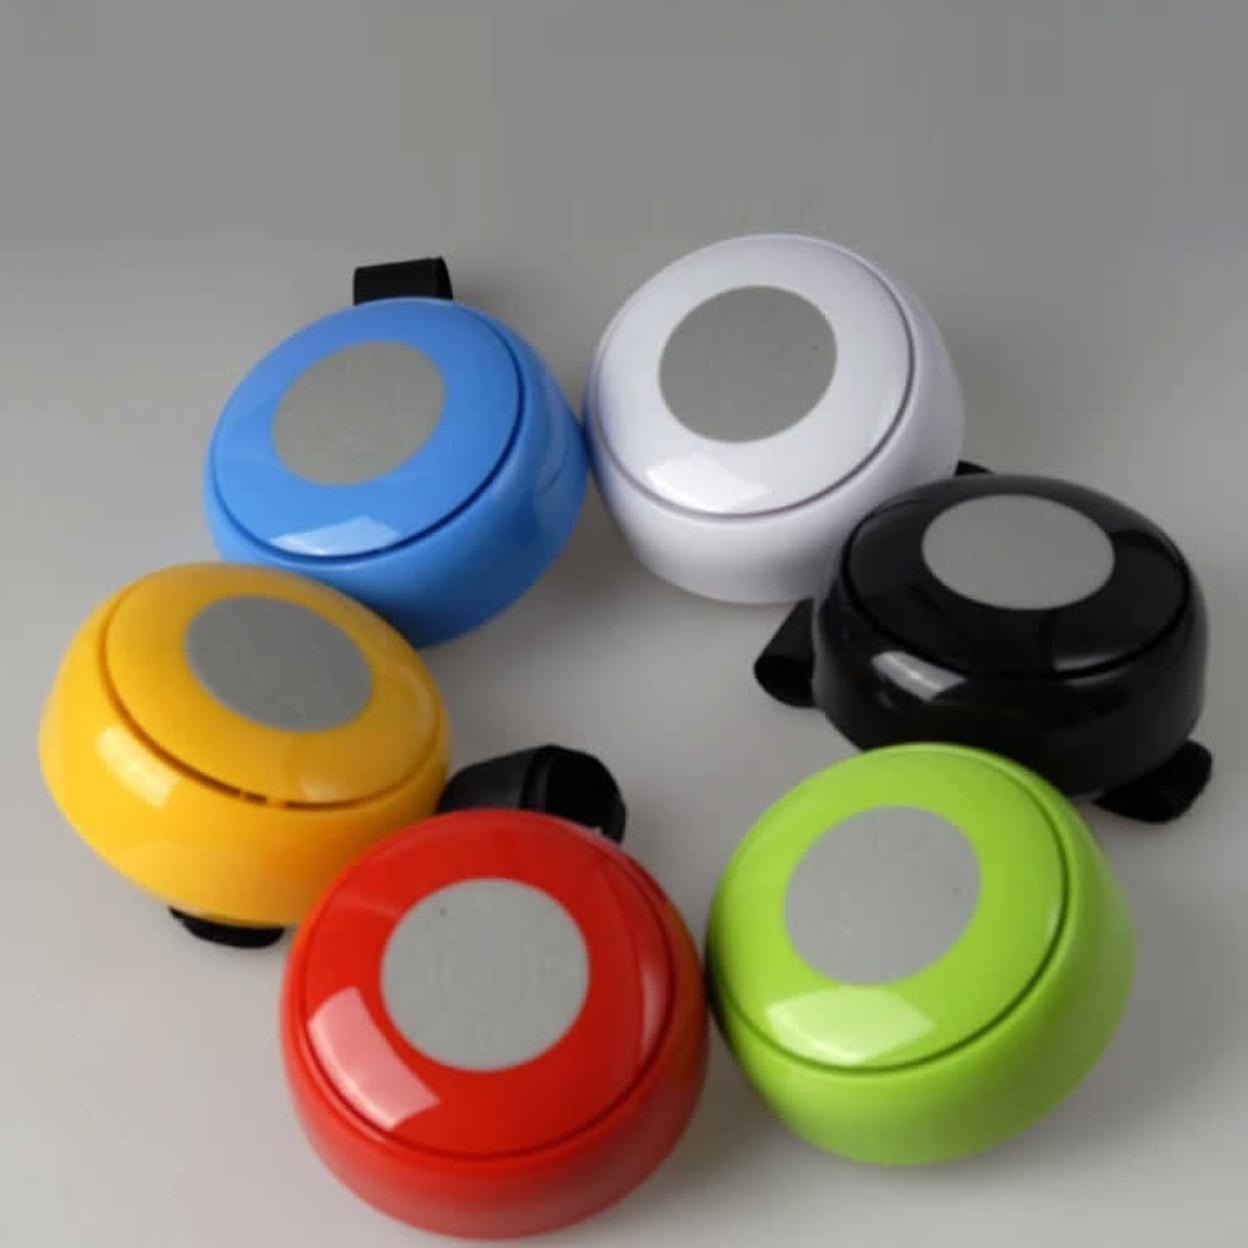 Waterproof Bluetooth Bike-Mounted Sports Speaker - Blue 55060f794c3d6fac678b597a